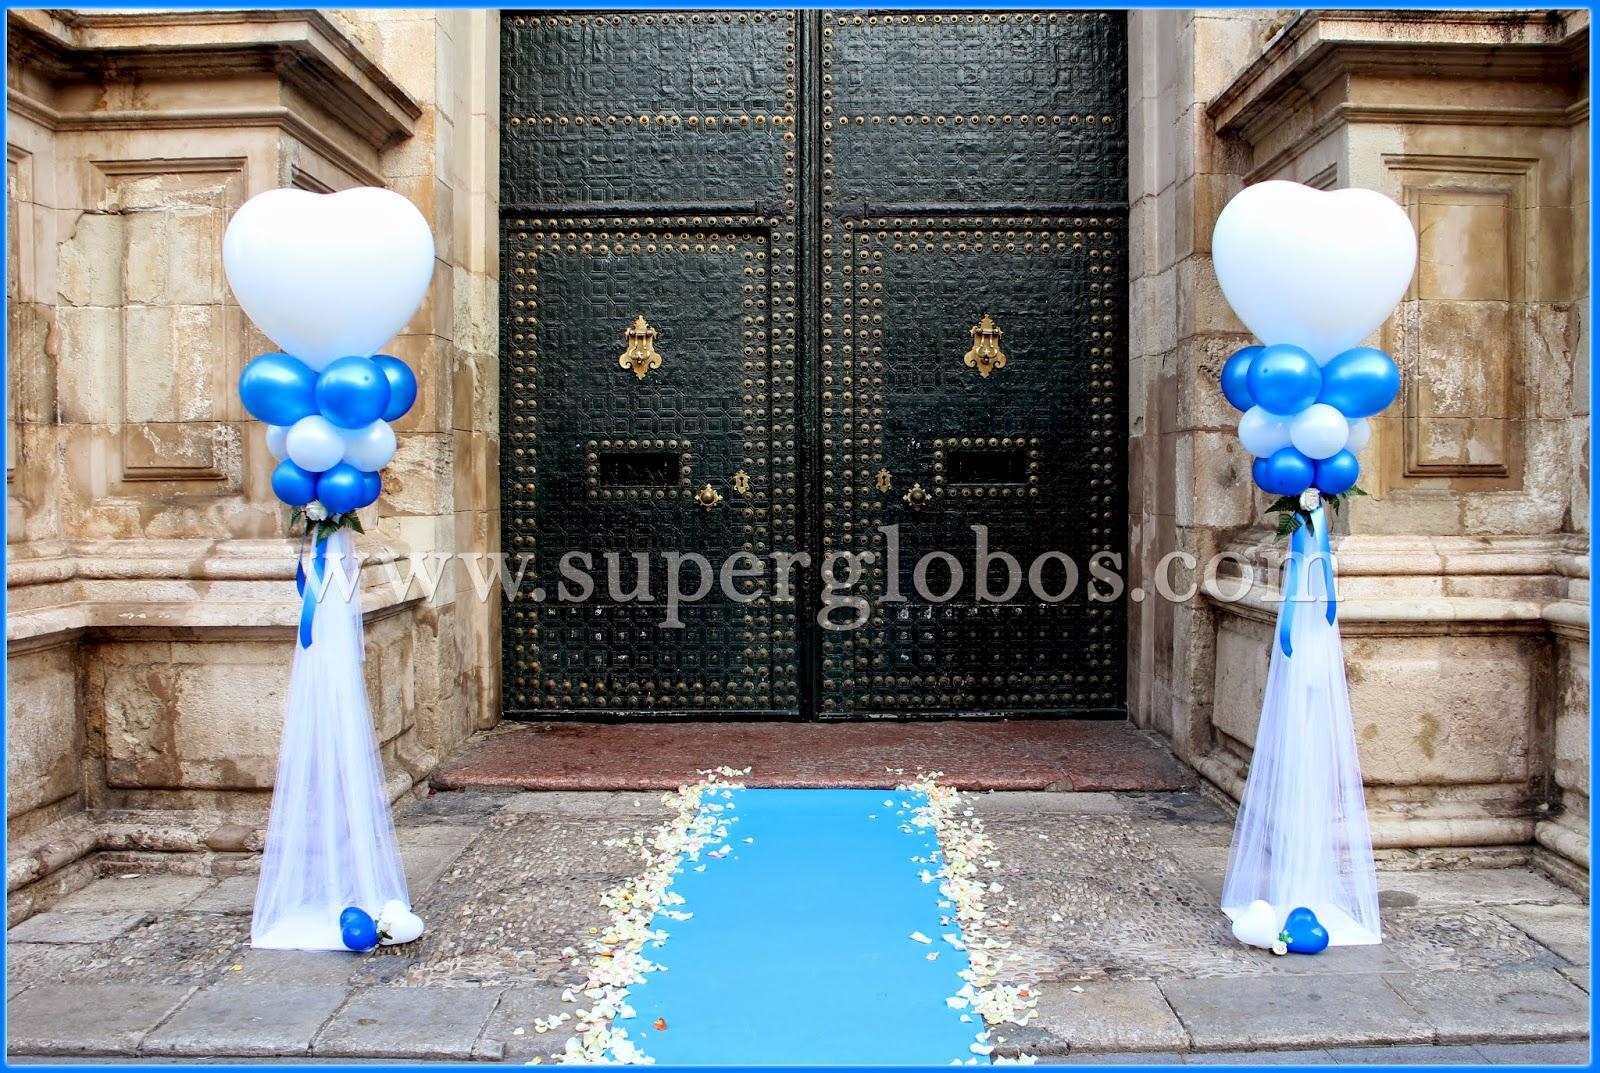 Decoraci n con globos para la boda de raquel y daniel for Arreglos con globos para boda en jardin